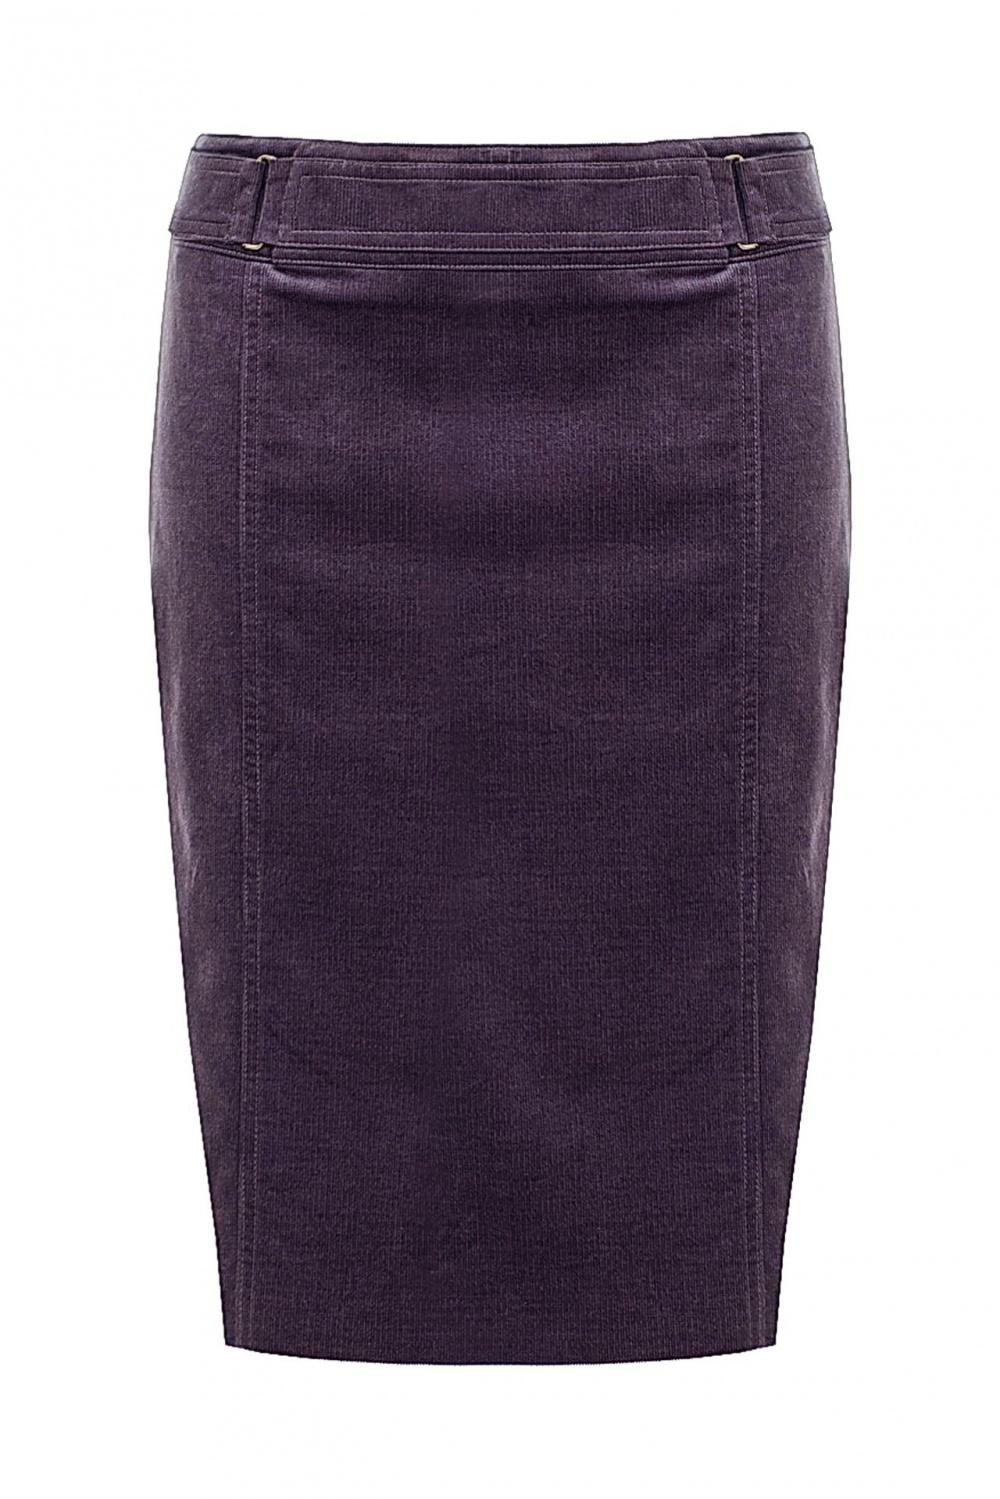 Юбка Gucci сливового цвета вельветовая размер 40 на 42 российский